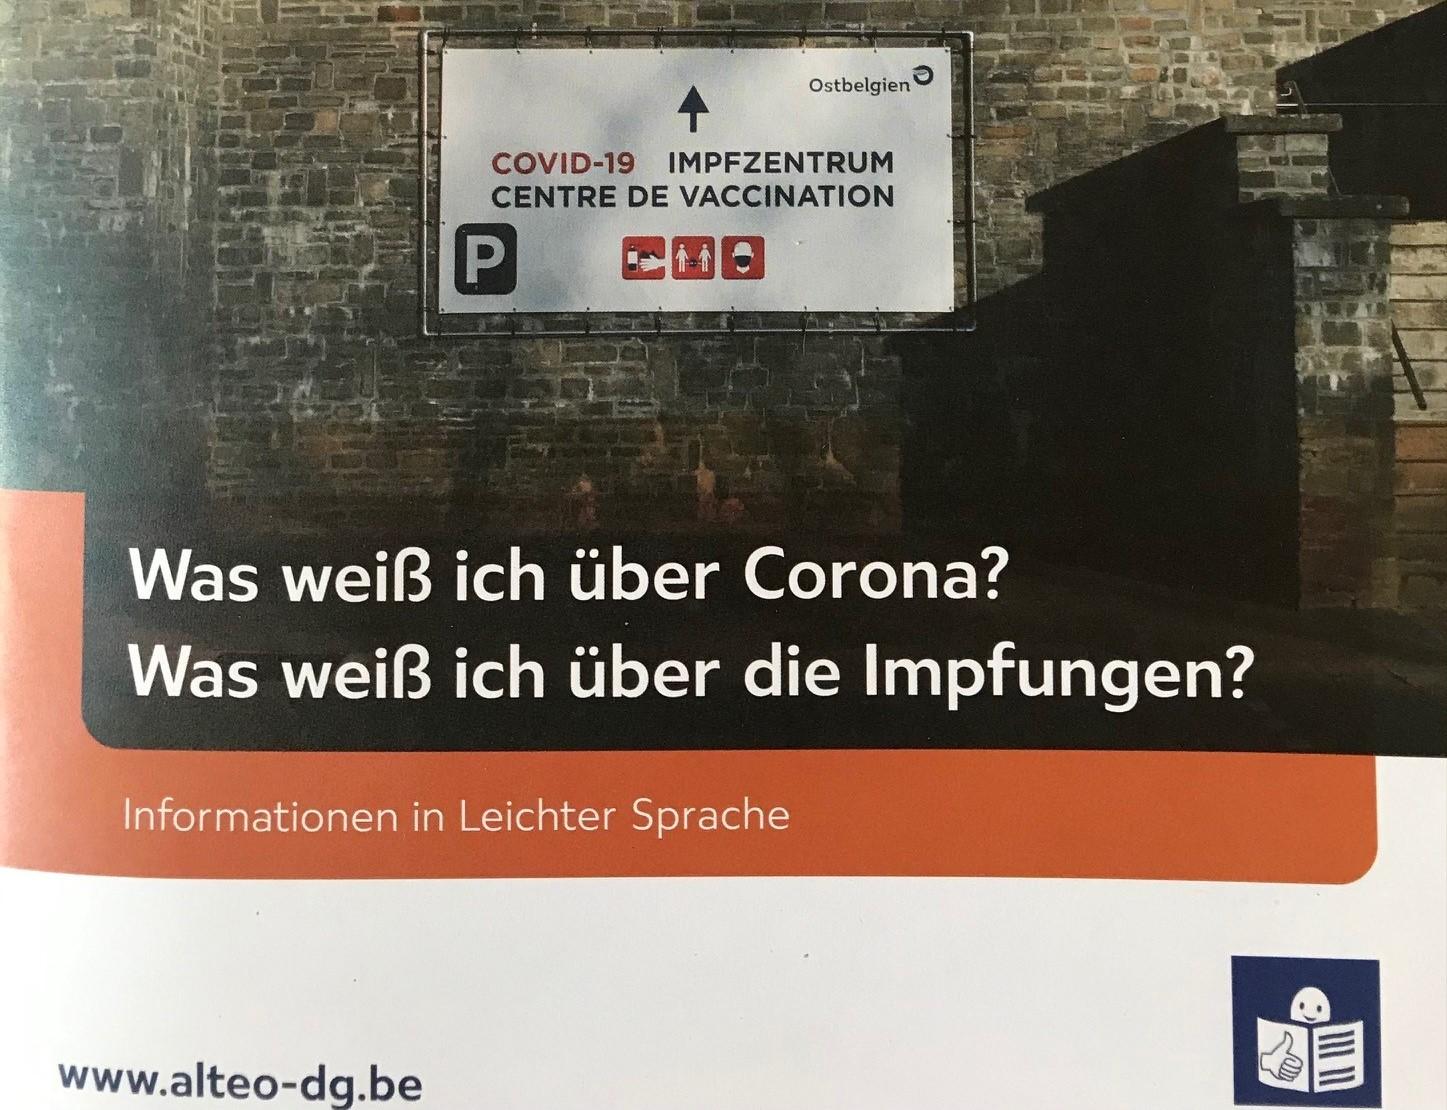 Alteo veröffentlicht Corona-Dossier in Leichter Sprache